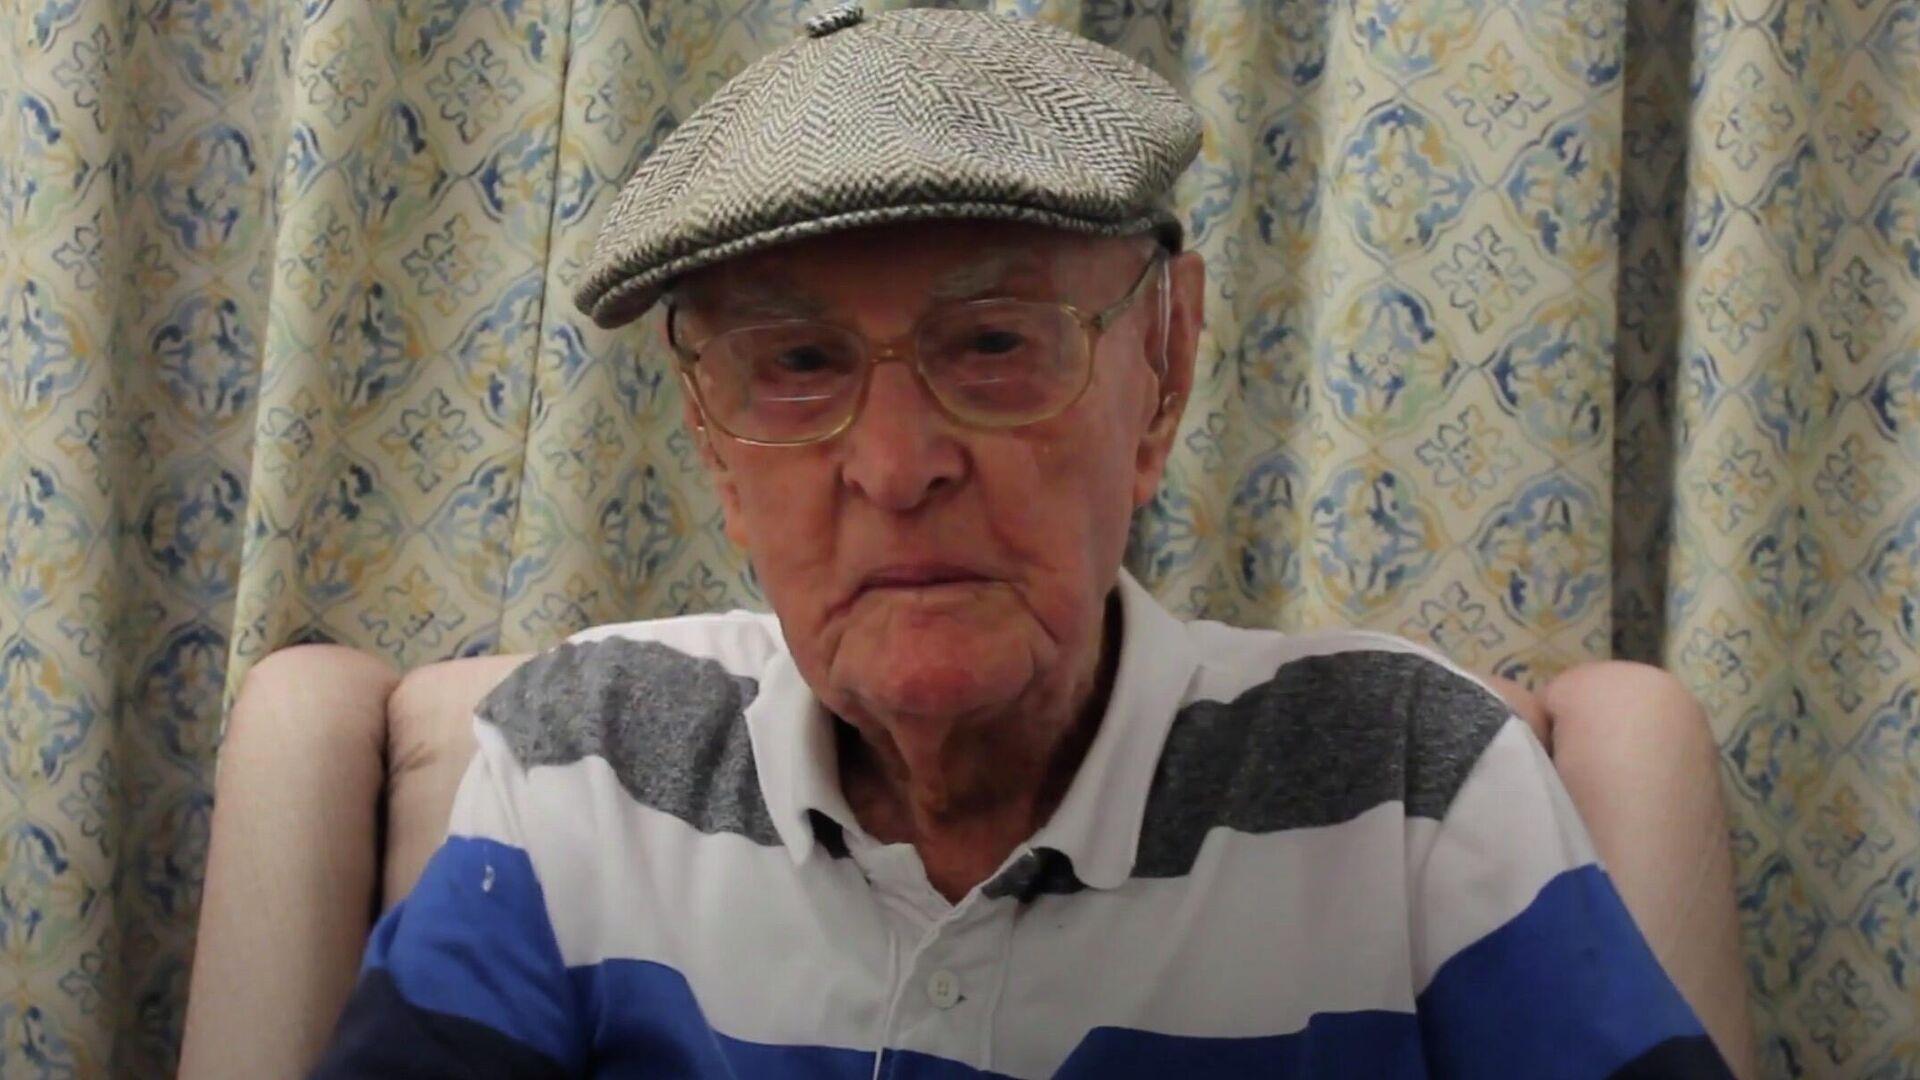 111-летний житель Австралии Декстер Крюгер - РИА Новости, 1920, 15.01.2021